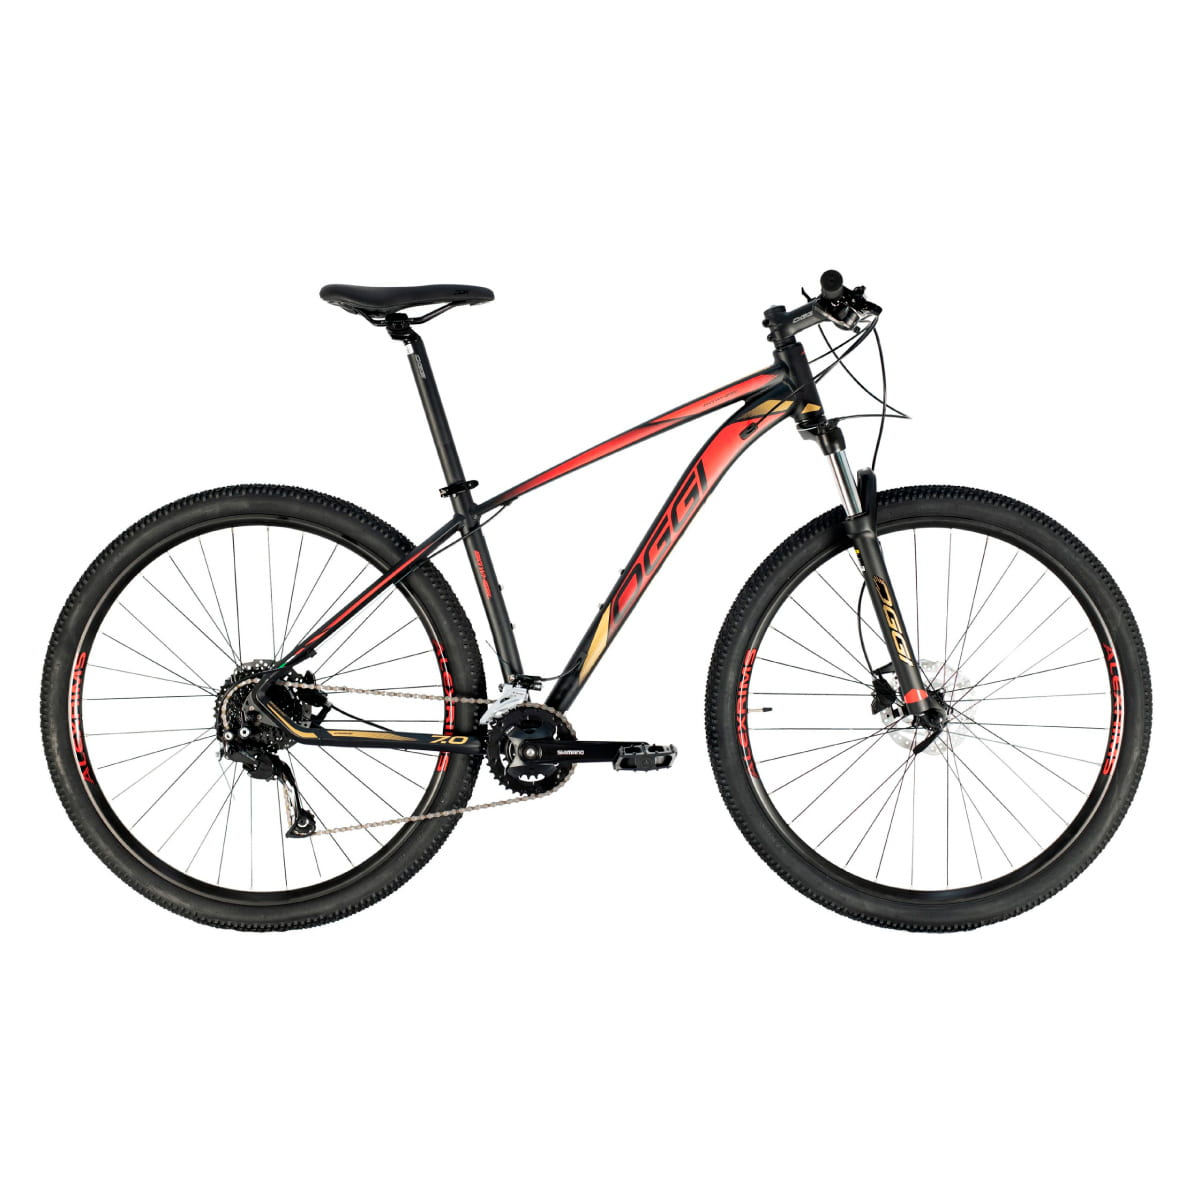 Bike Oggi 7.0 2021 Big Whell 18 V Shimano Alivio Preto Vermelho